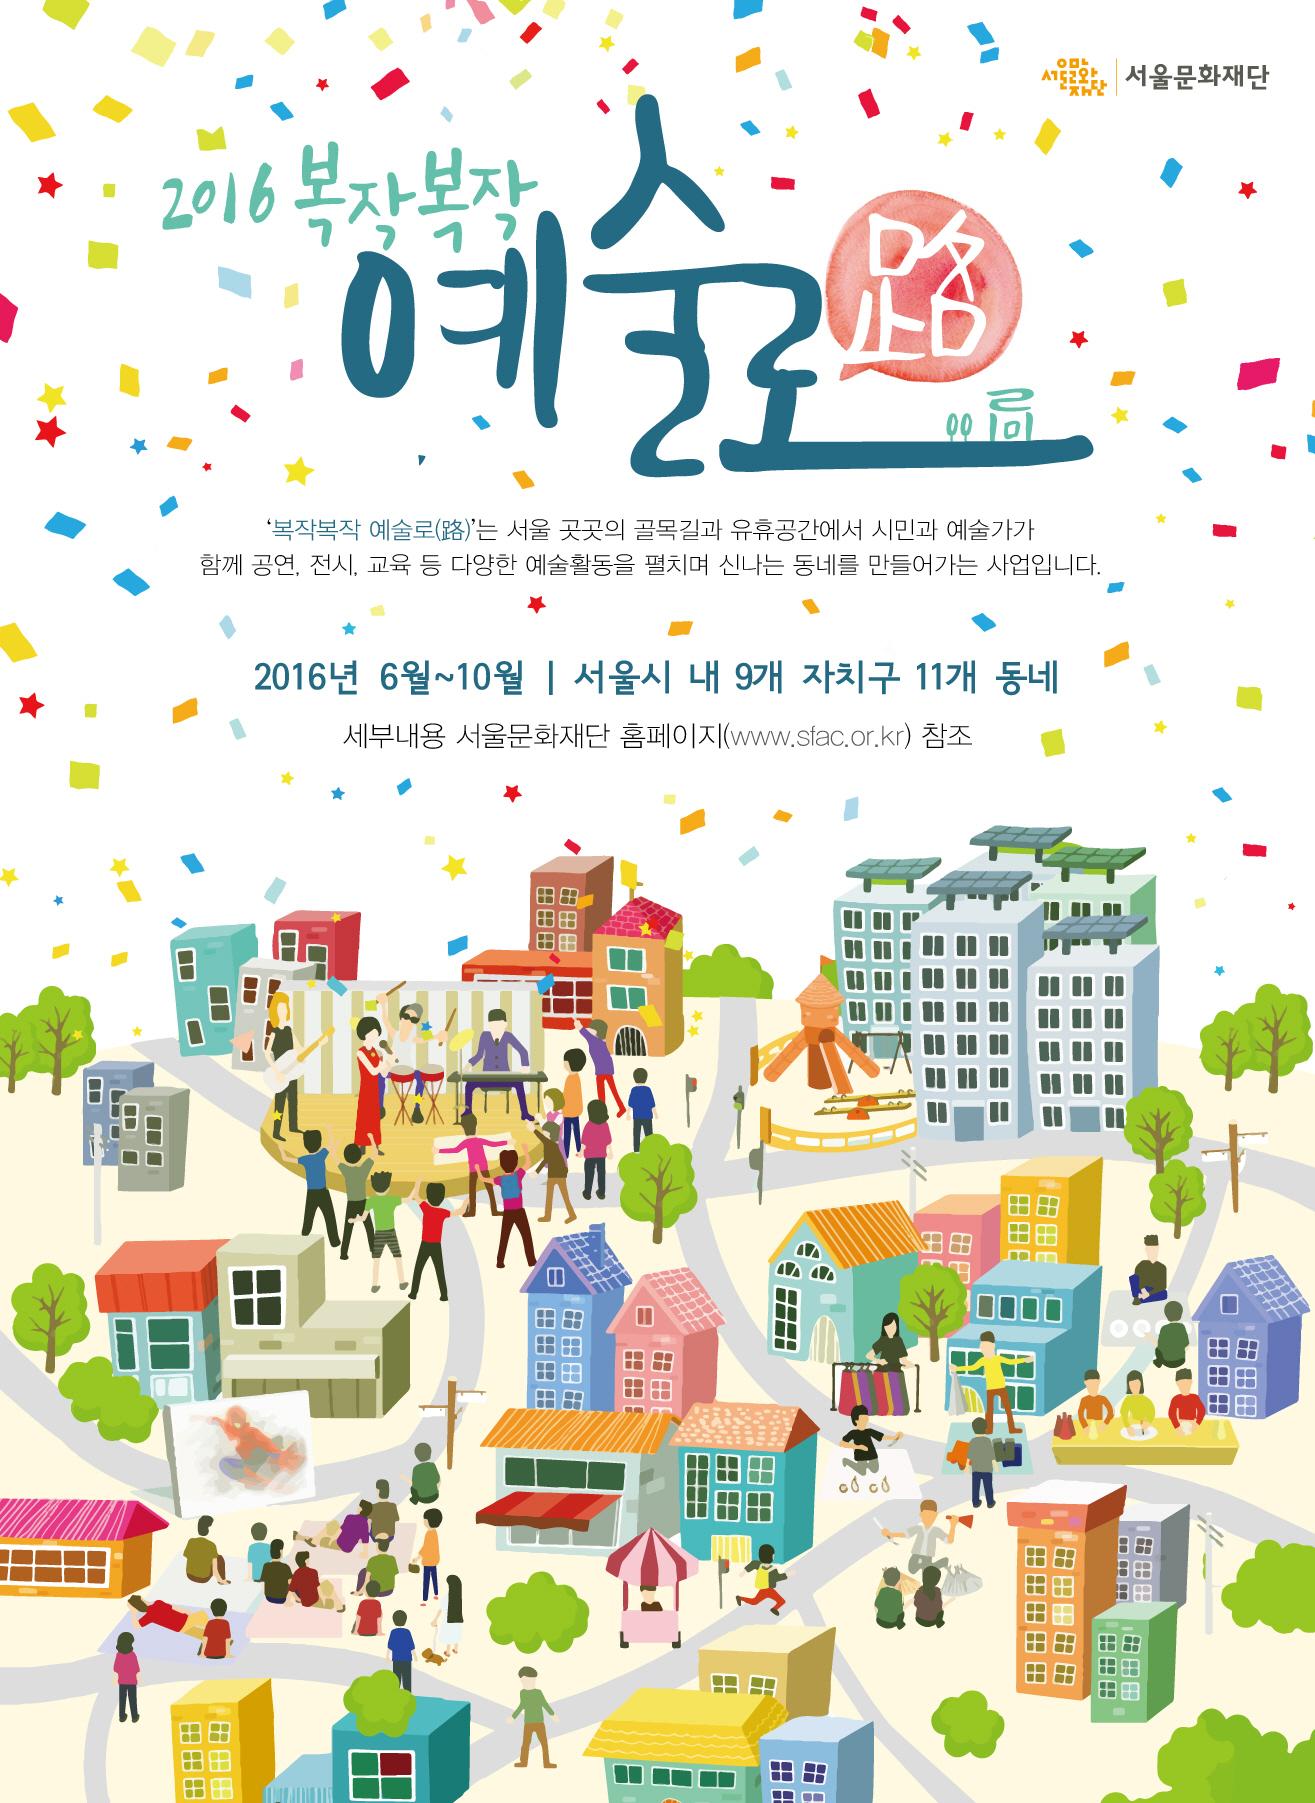 서울문화재단, 우리 동네 골목길 '복작복작 예술로' 참여 시민 모집